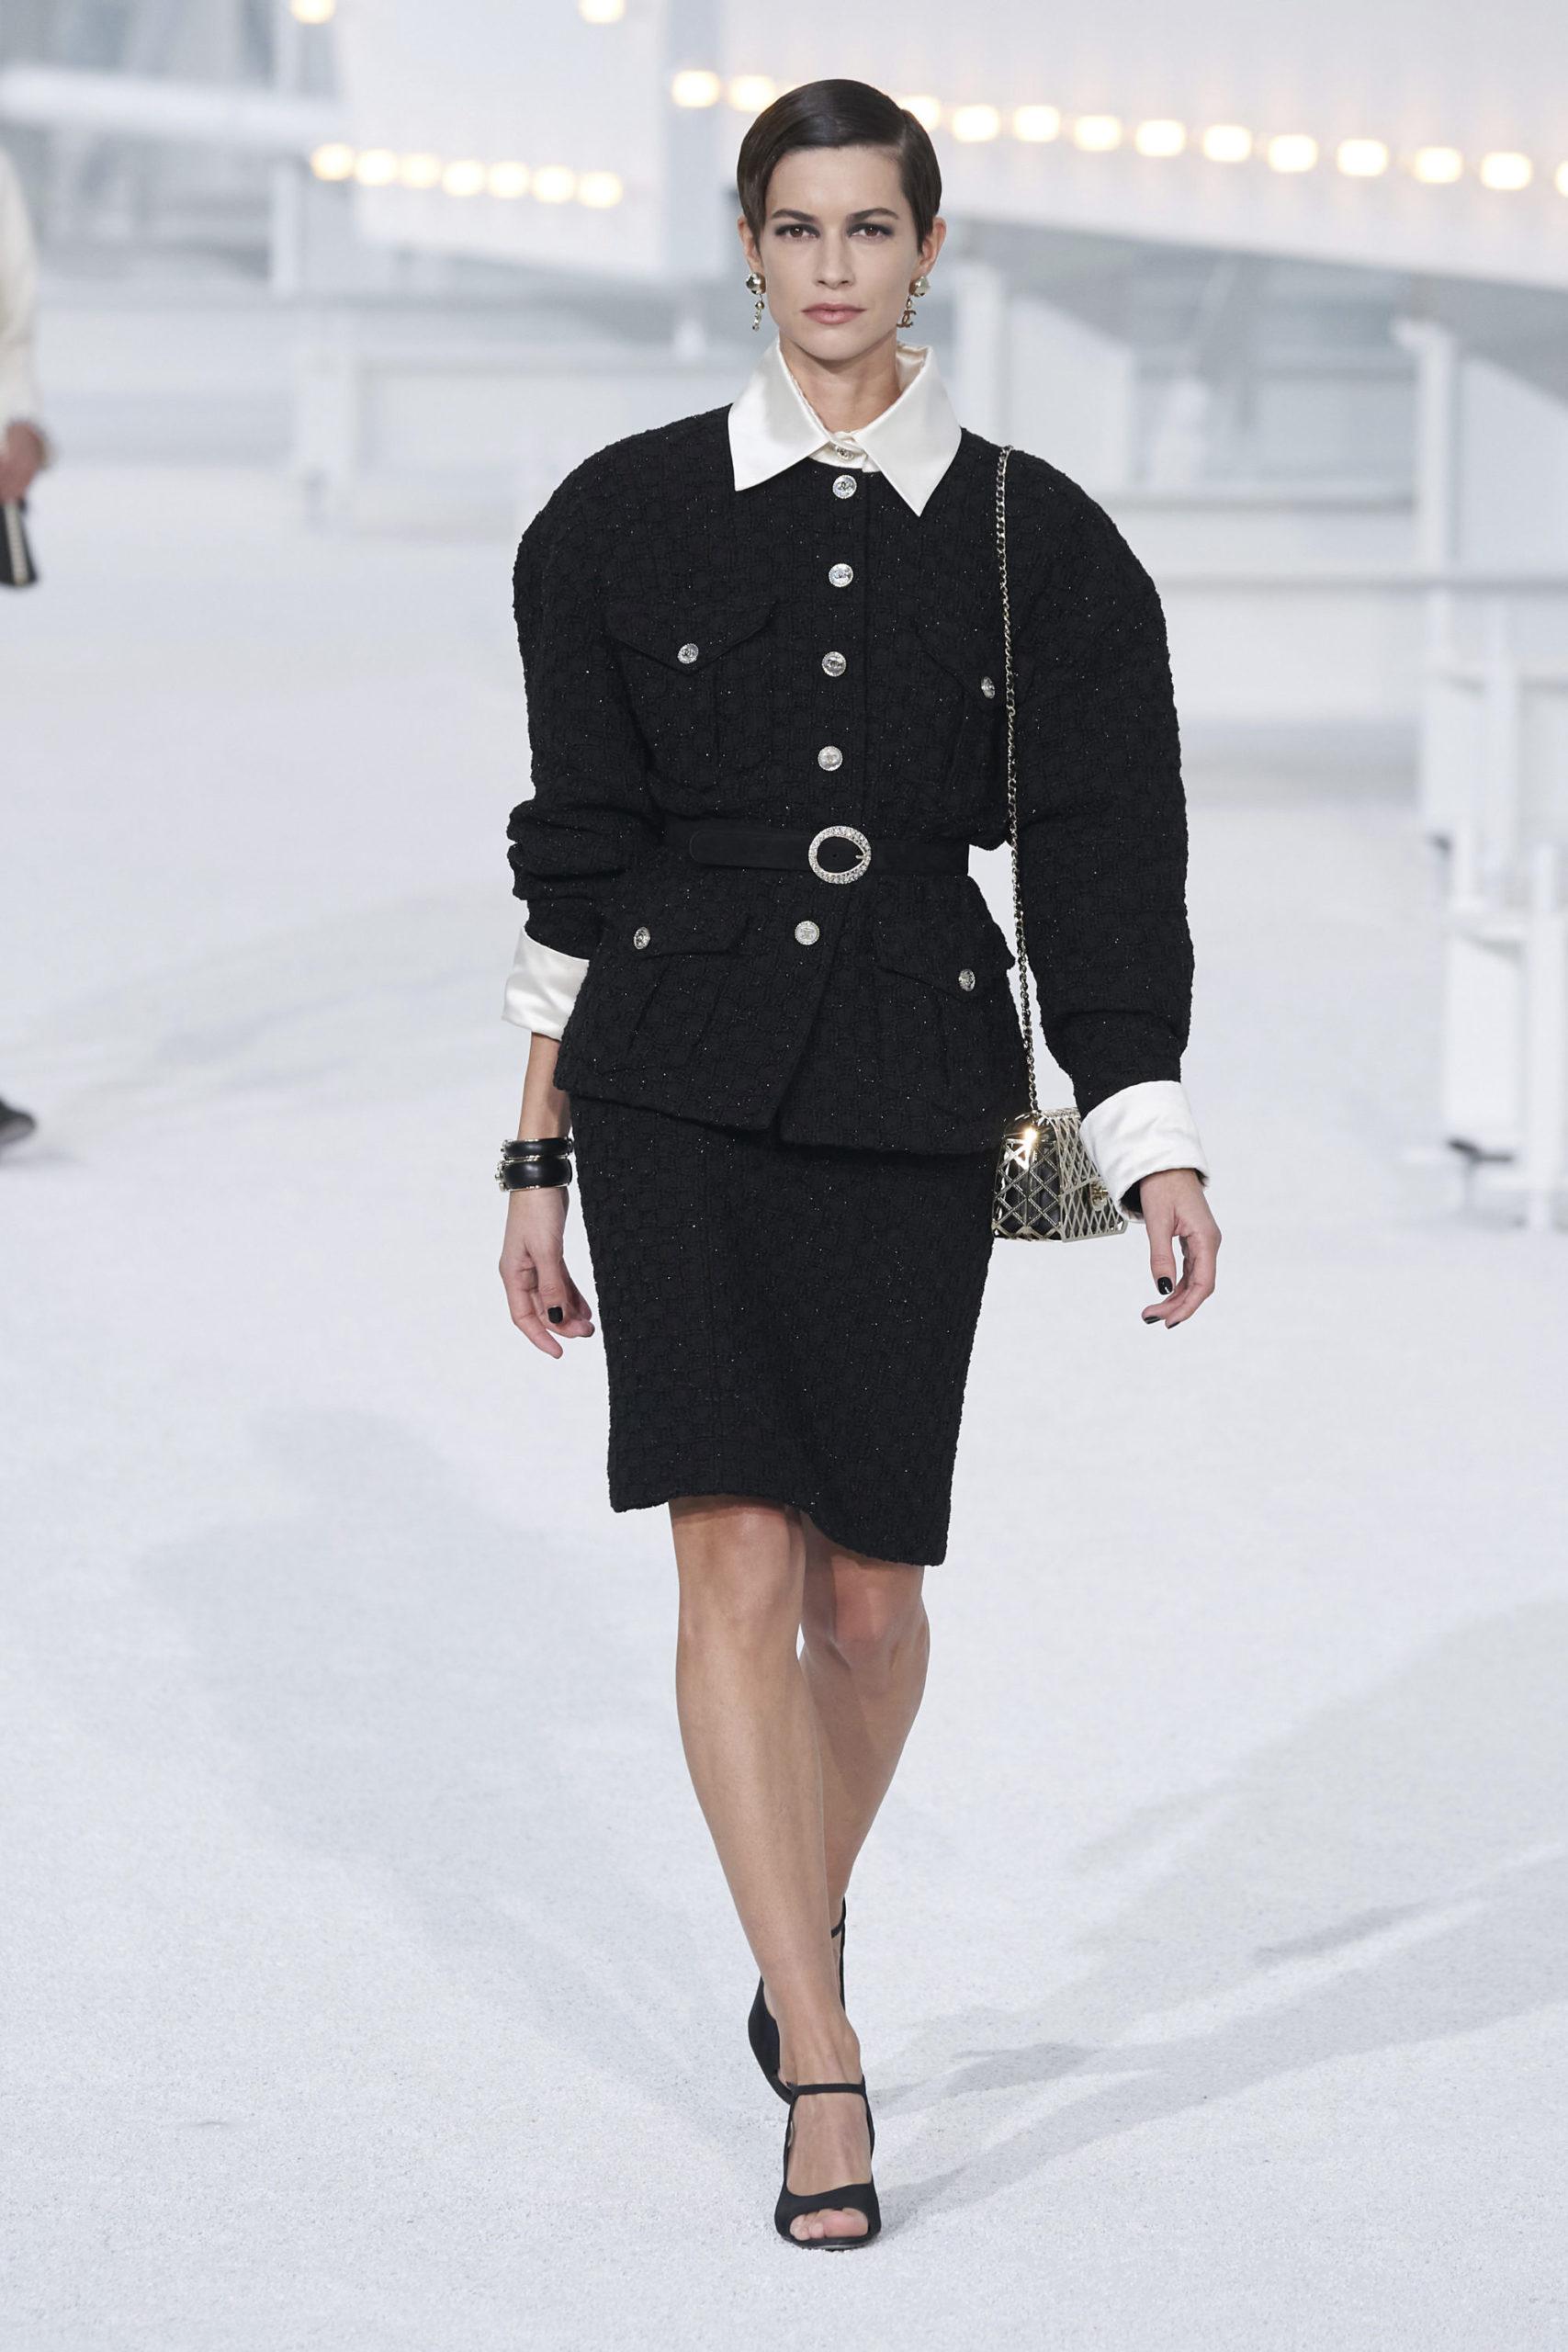 Платье с баской модель 2021 года